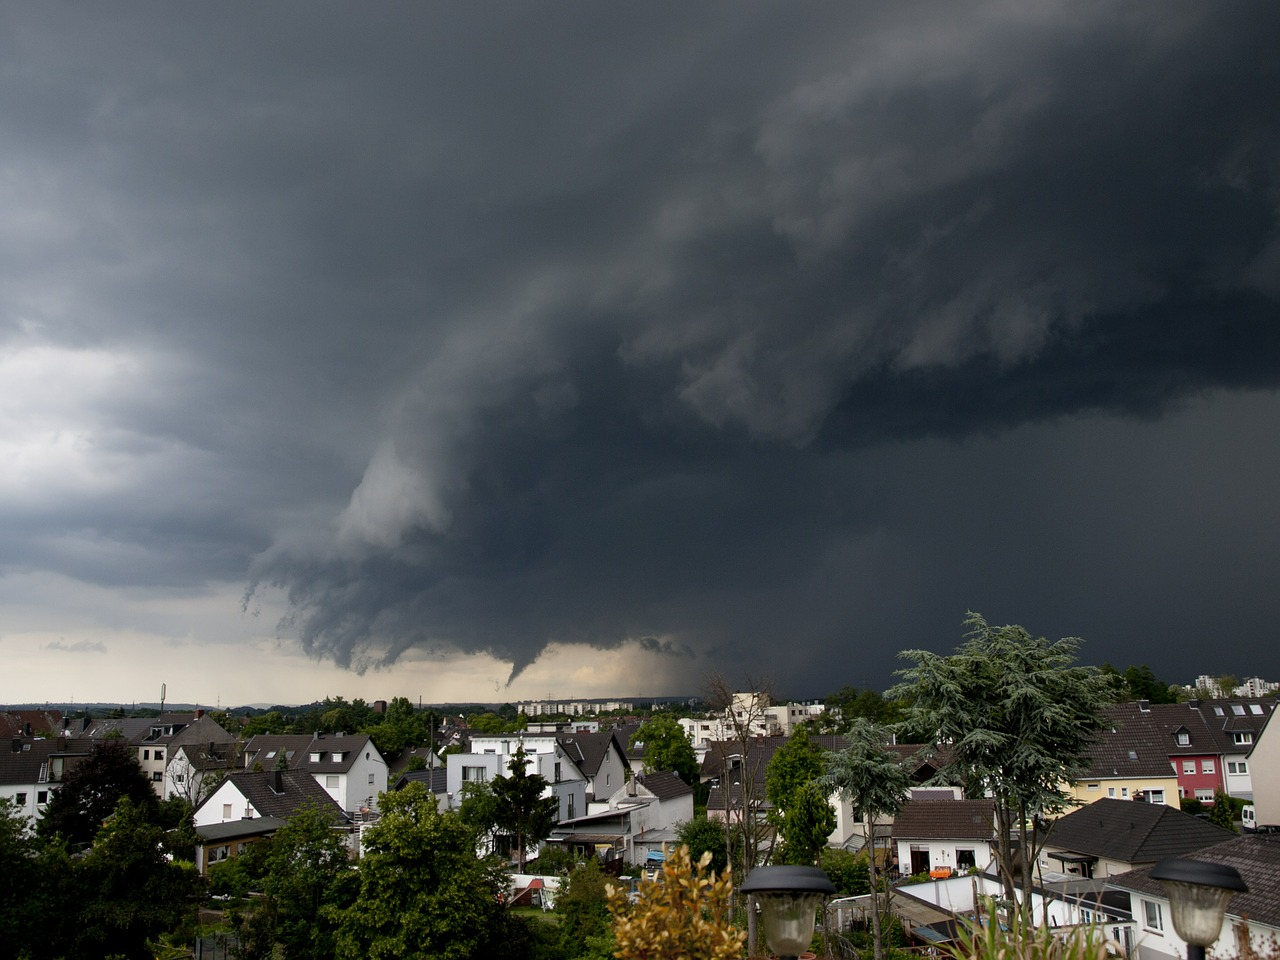 Najpierw upał, później burze, wiatr, grad, a nawet trąba powietrzna! Diametralna zmiana pogody! [GDZIE JEST BURZA - RADAR ONLINE] - Zdjęcie główne